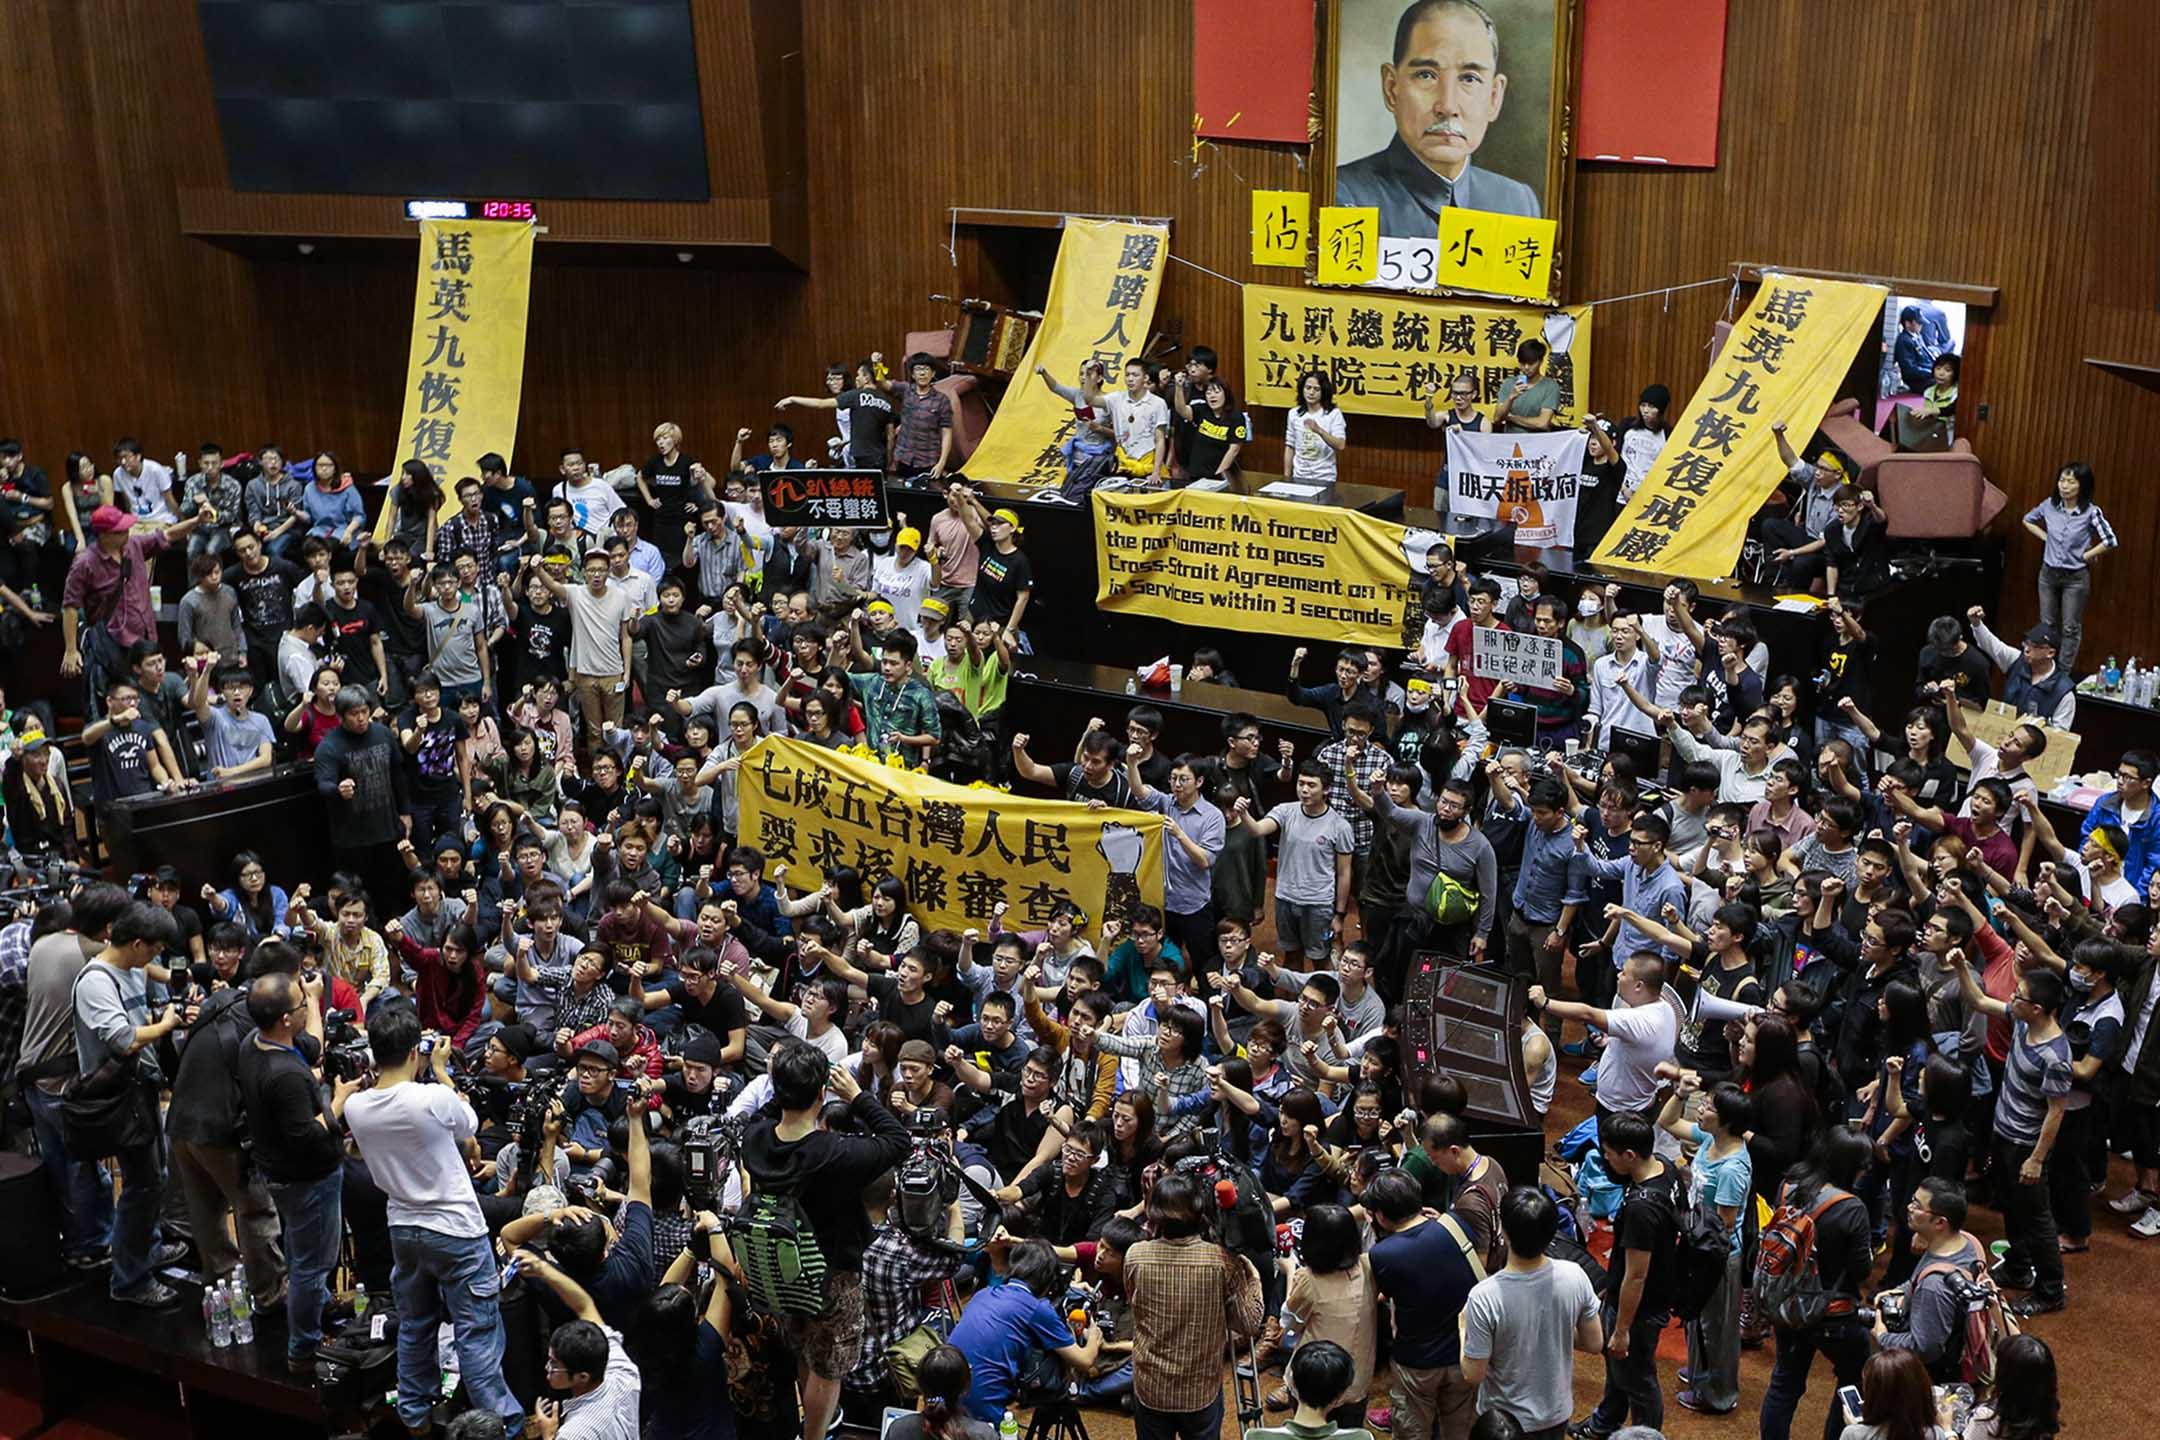 2014年3月19日台北,學生和示威者佔領台灣立法院。